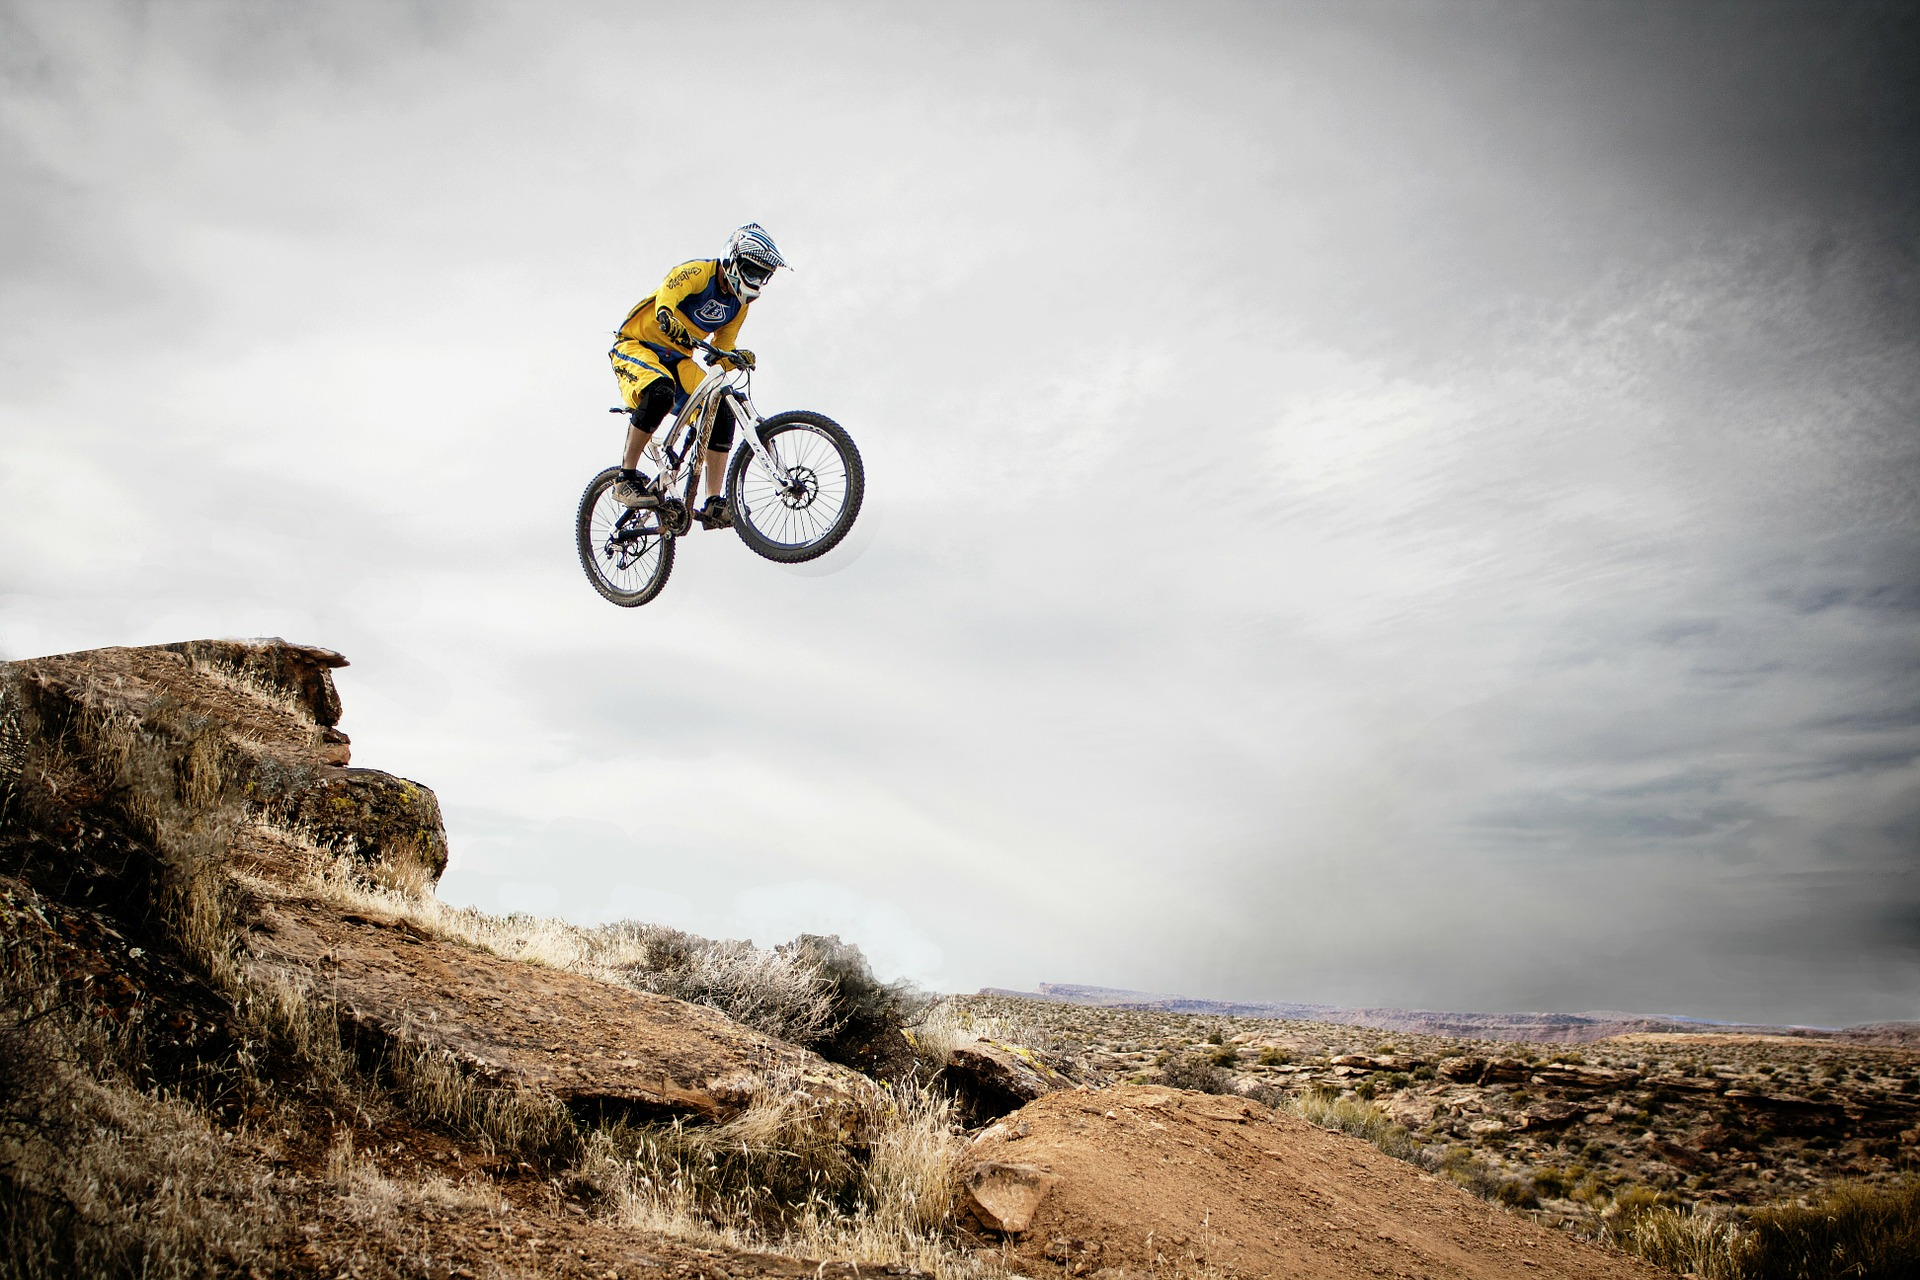 ποδηλάτης, άλμα, κινδύνου, δράση, Τέλος - Wallpapers HD - Professor-falken.com